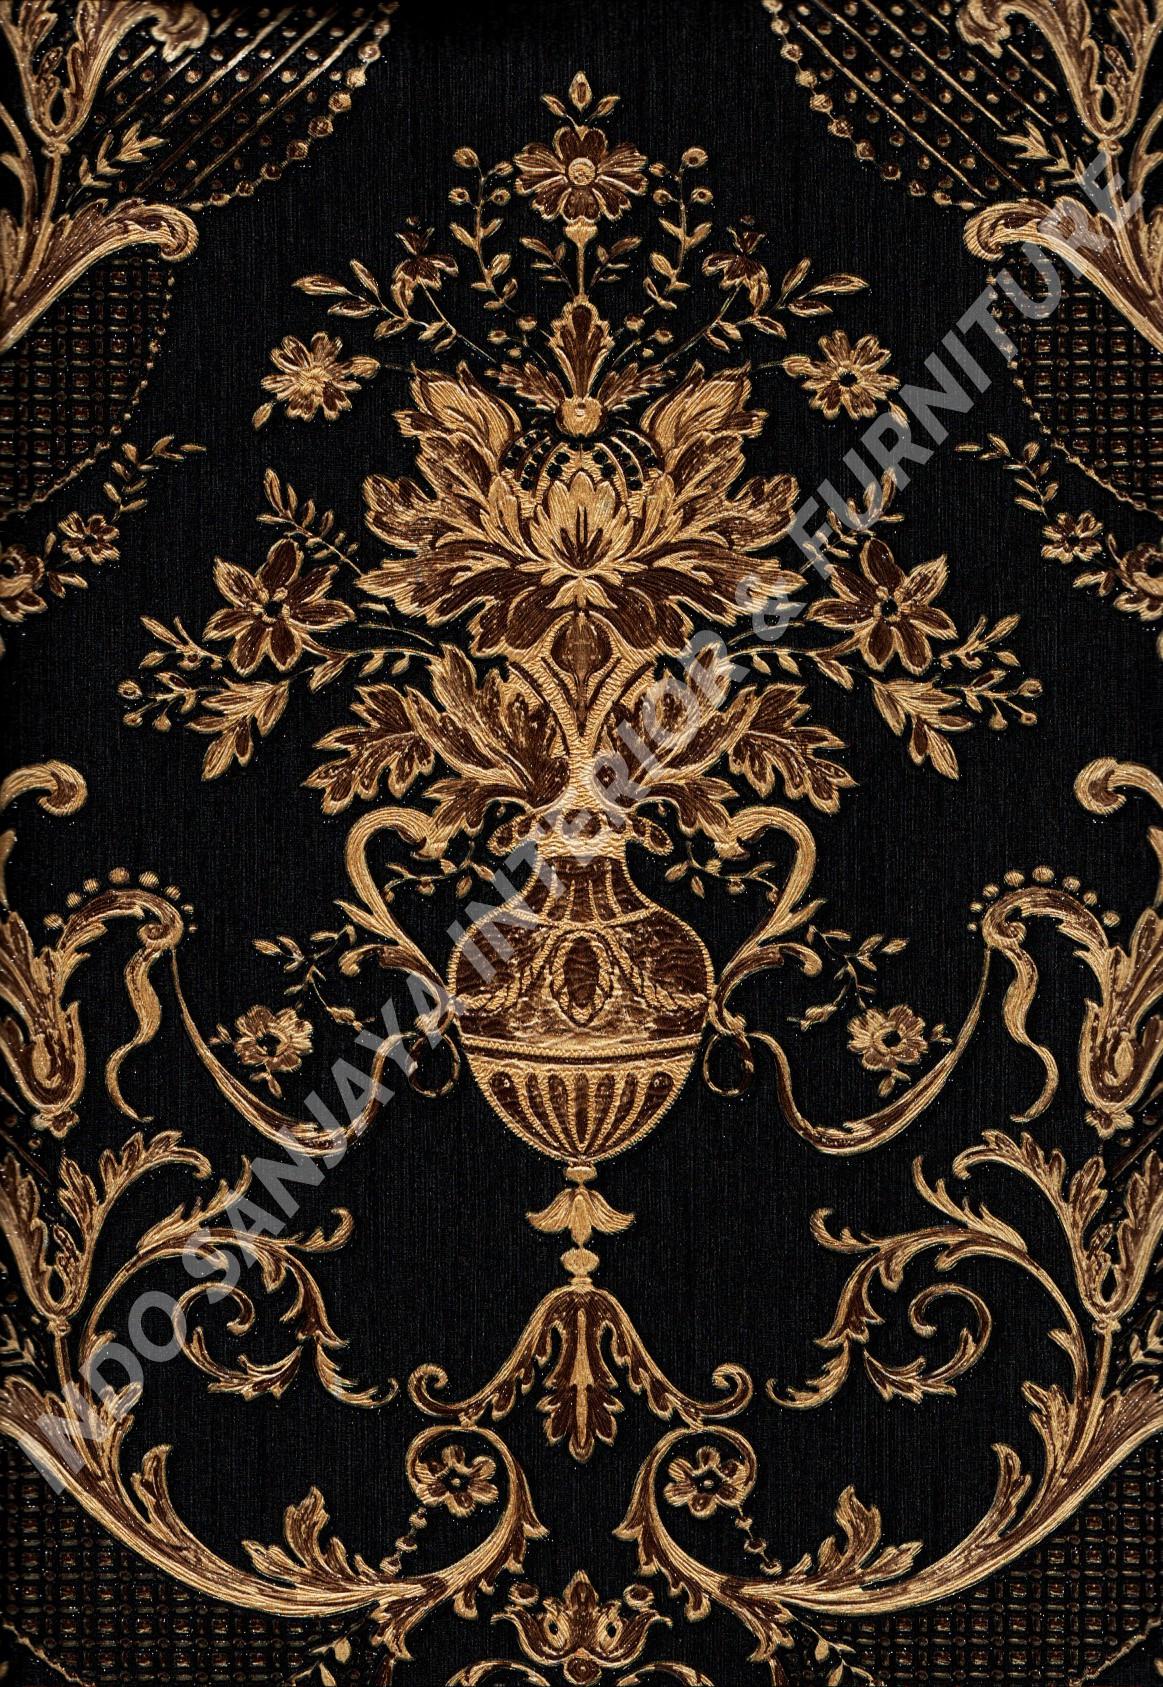 wallpaper   Wallpaper Klasik Batik (Damask) 81085-10:81085-10 corak  warna